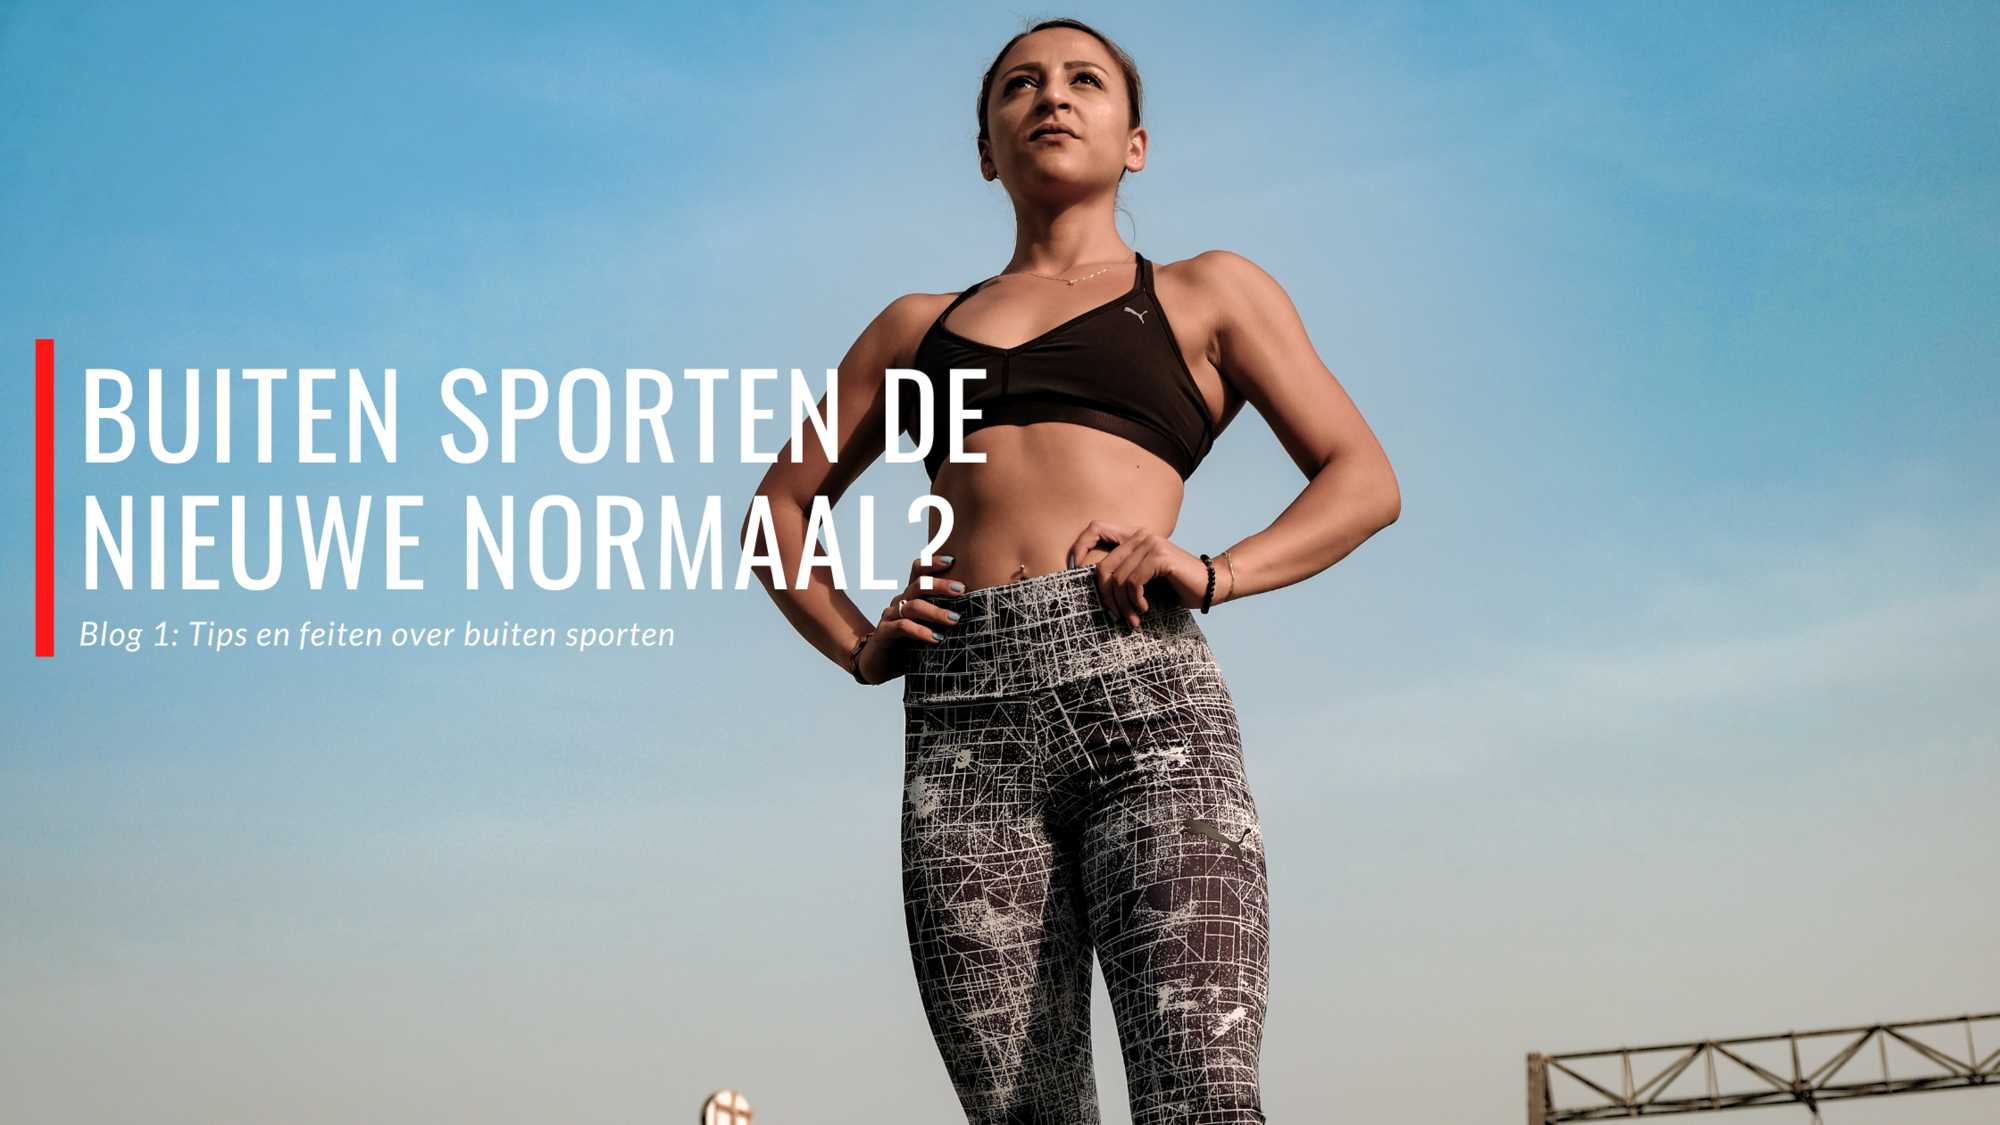 Blog #1: Buiten sporten het nieuwe normaal? #staysafe